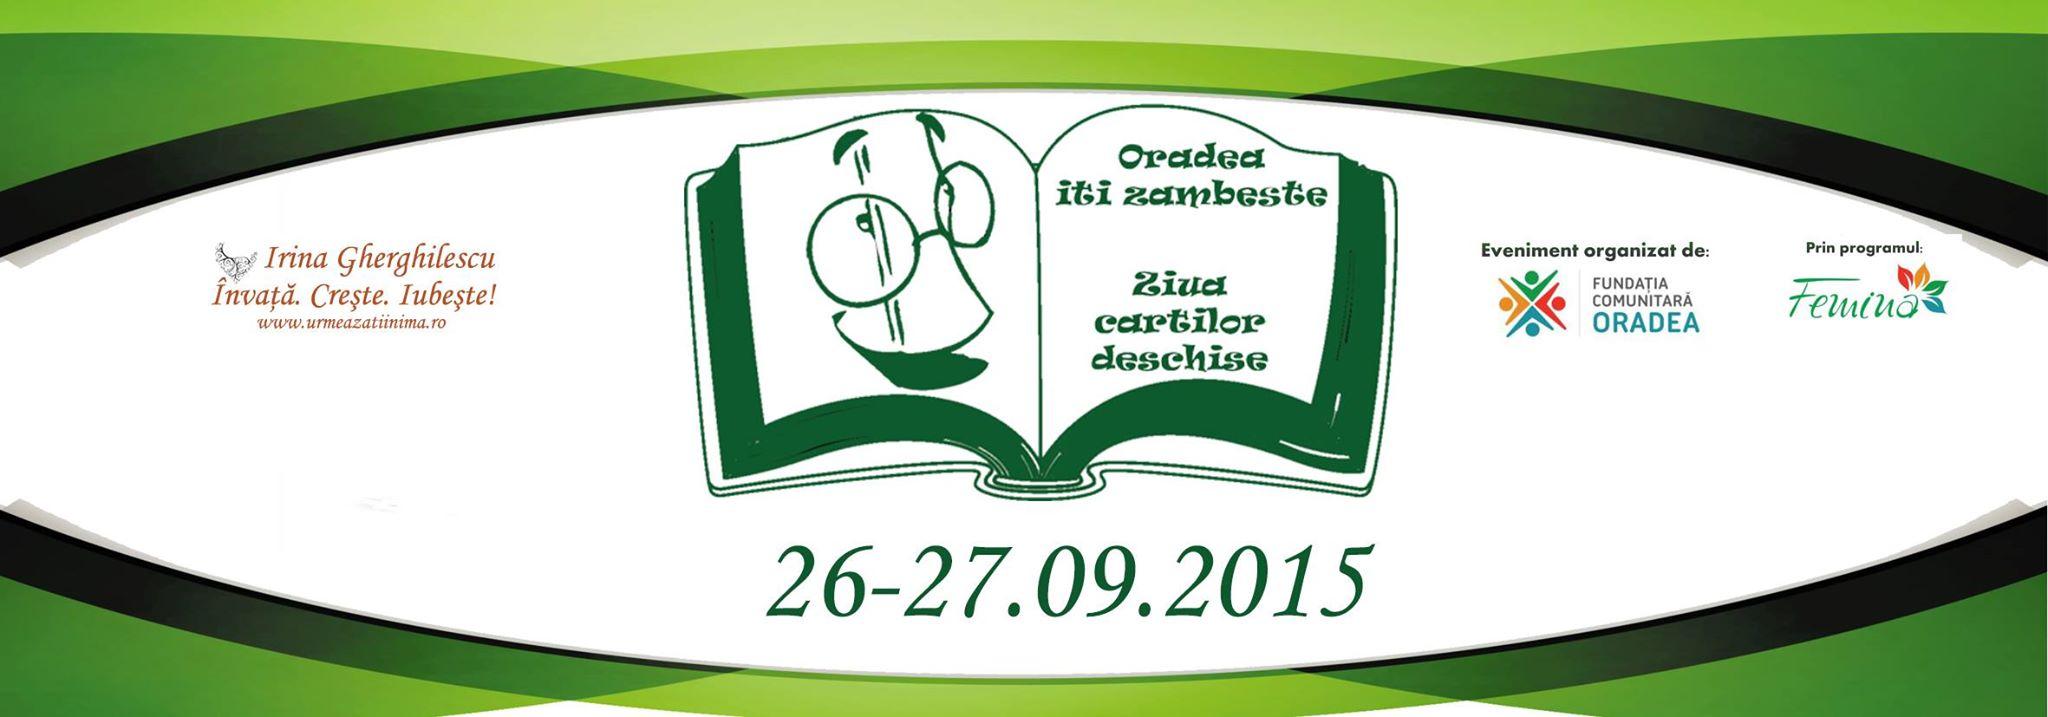 În luna septembrie Oradea îţi zîmbeşte şi ai Ziua cărţilor deschise #1